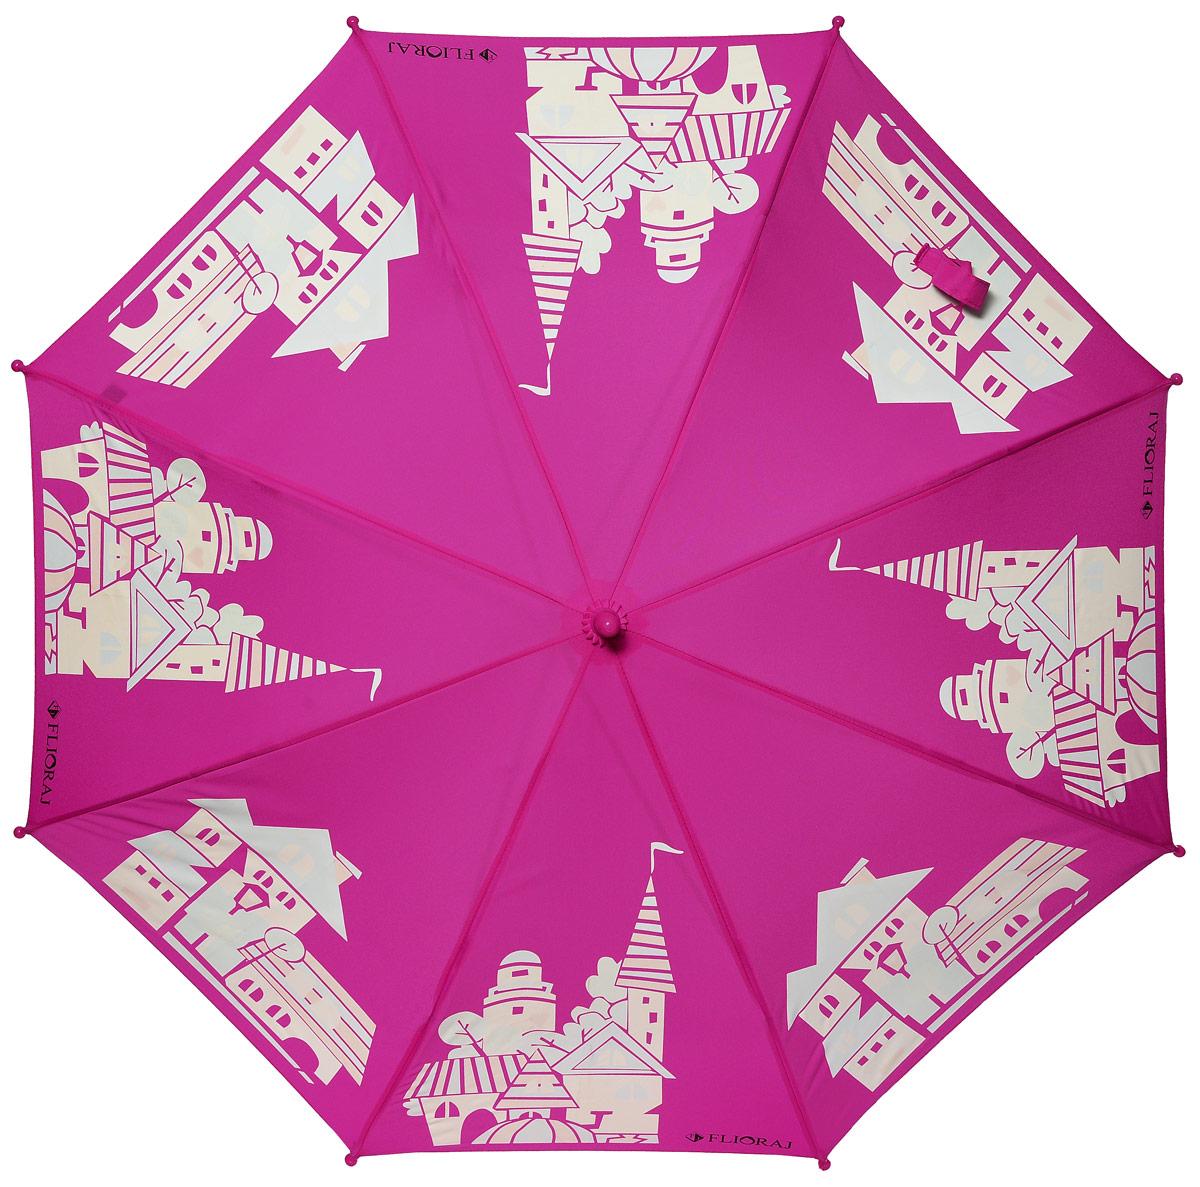 Зонт детский Flioraj 051205051205 FJСказочный зонт-раскраска! Дождь раскрасит безликие, белые здания в радужные, веселые домики. Под таким зонтом дождь - только в радость. Широкий выбор расцветок позволит найти подходящий вариант. Детский зонтик Flioraj с поверхностью реагирующей на воду, при намокании рисунок становится цветным, он обязательно понравится Вам и Вашему ребенку! Предназначен для детей младшего и среднего школьного возраста. Для удобства предусмотрена безопасная технология открывания и закрывания зонта. Спицы зонта изготовлены из долговечного, но при этом легкого фибергласса, что делает его ветроустойчивым и прочным.